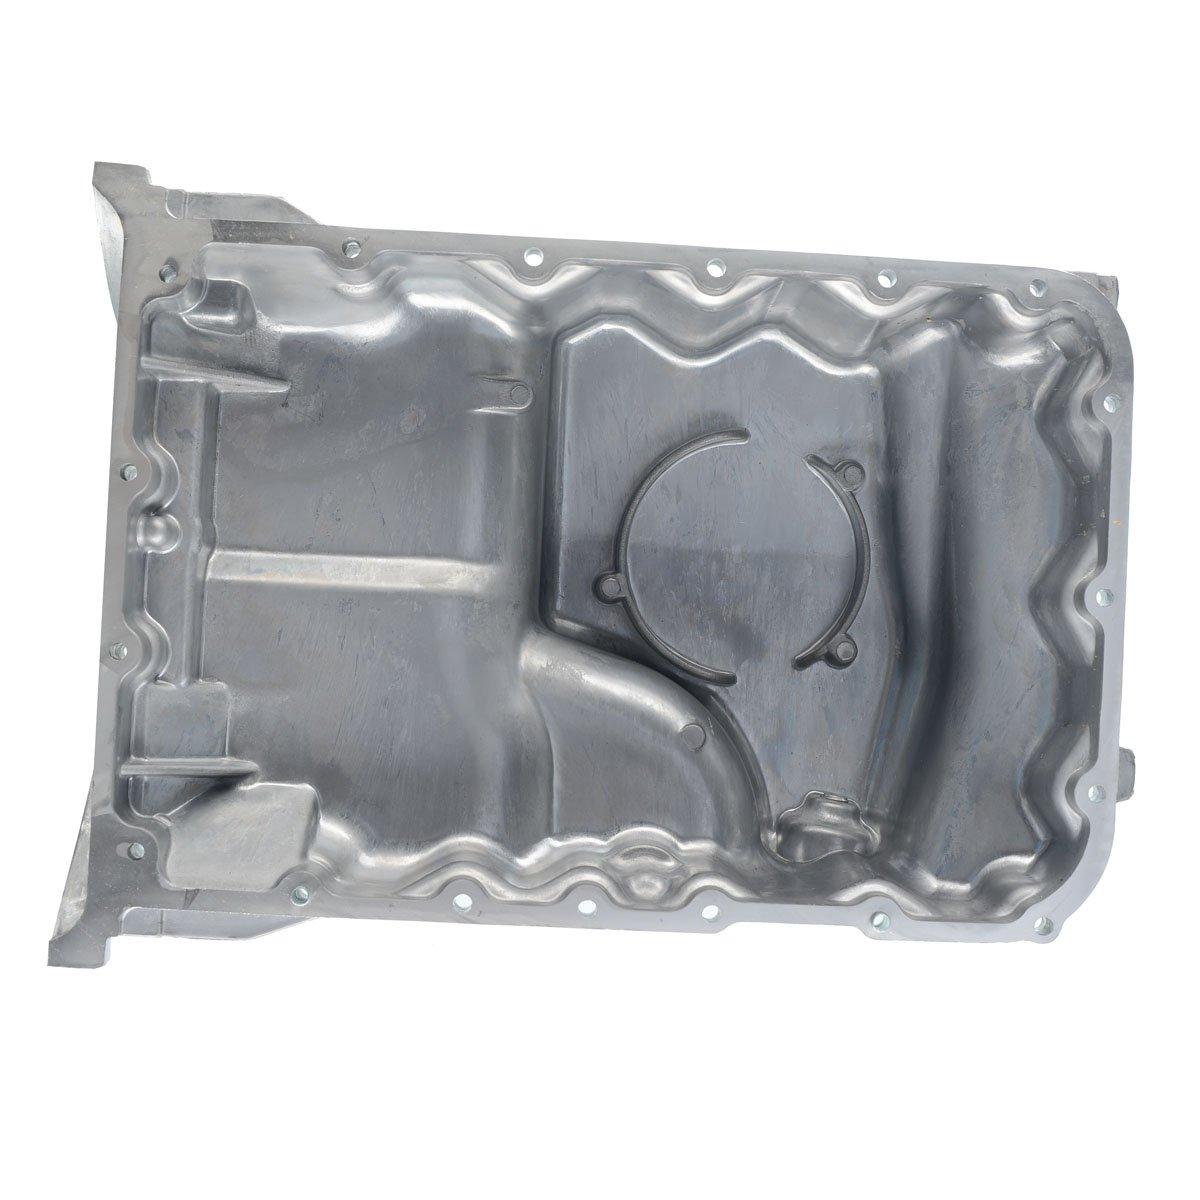 A-Premium Engine Oil pan for Honda Accord 2003-2007 V6 3.0L Odyssey Acura TL 11200-RDA-A00 PremiumpartsWhosale